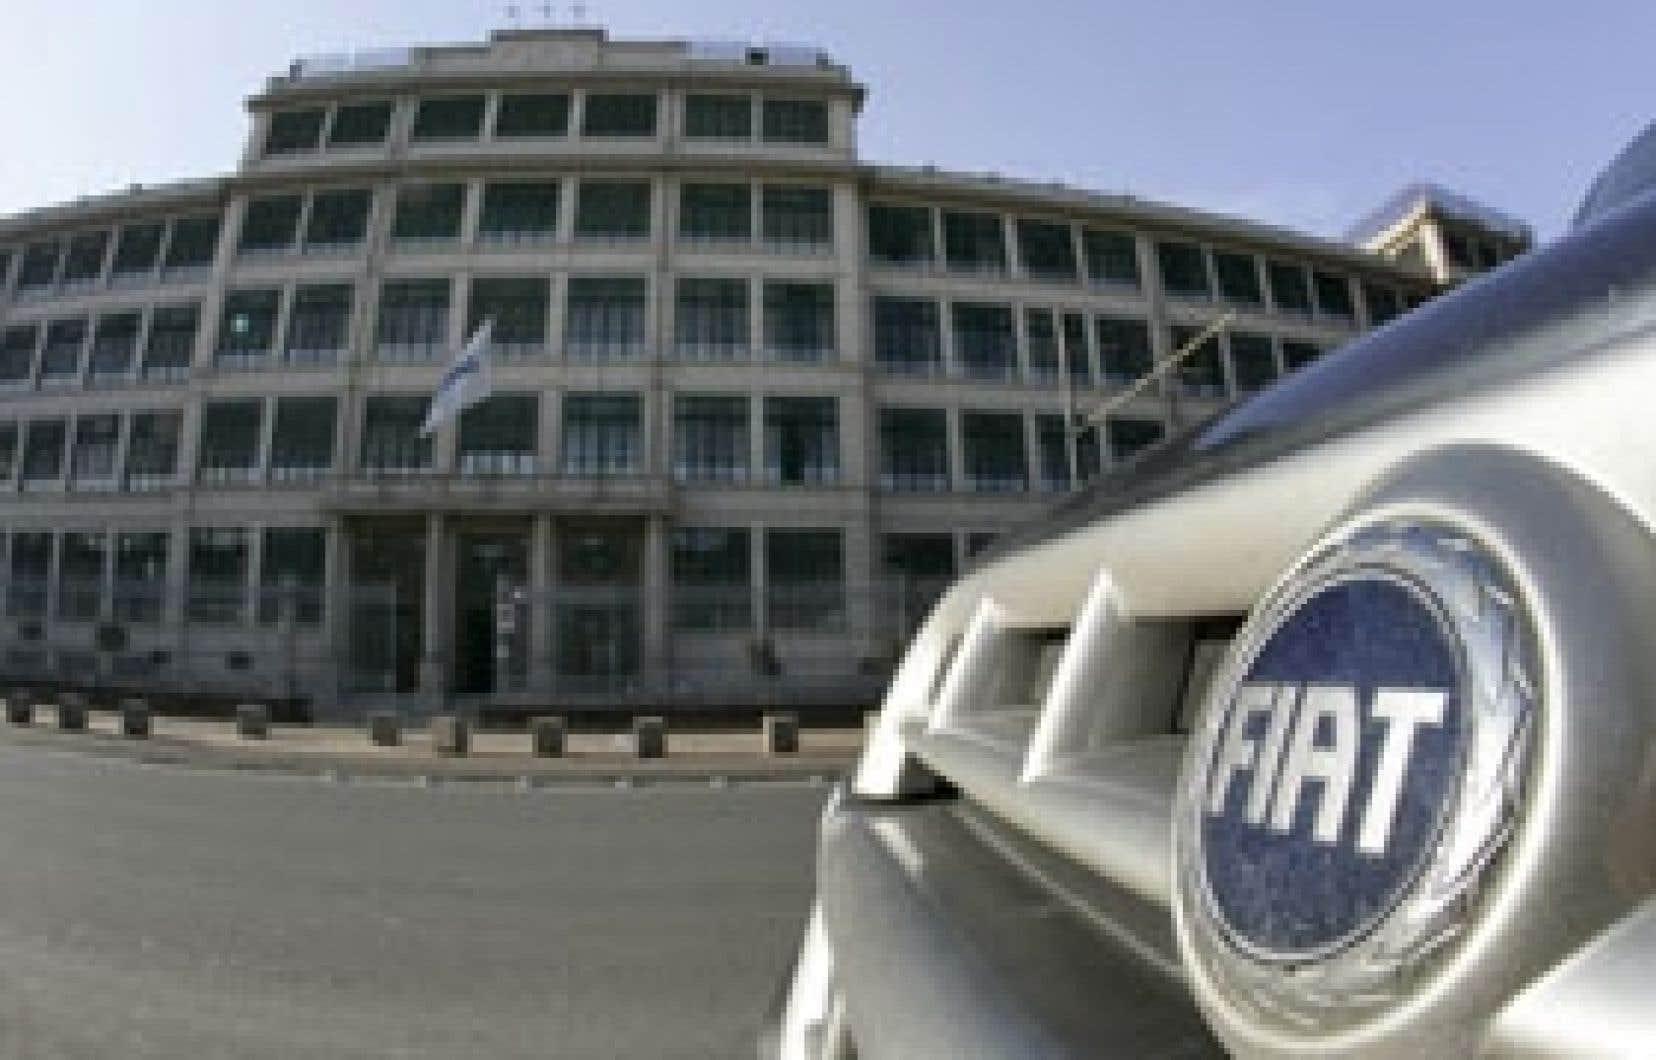 Une Fiat est garée devant le siège social de l'entreprise, à Turin. Le constructeur italien a versé cette année un dividende à ses actionnaires pour la première fois depuis 2001.